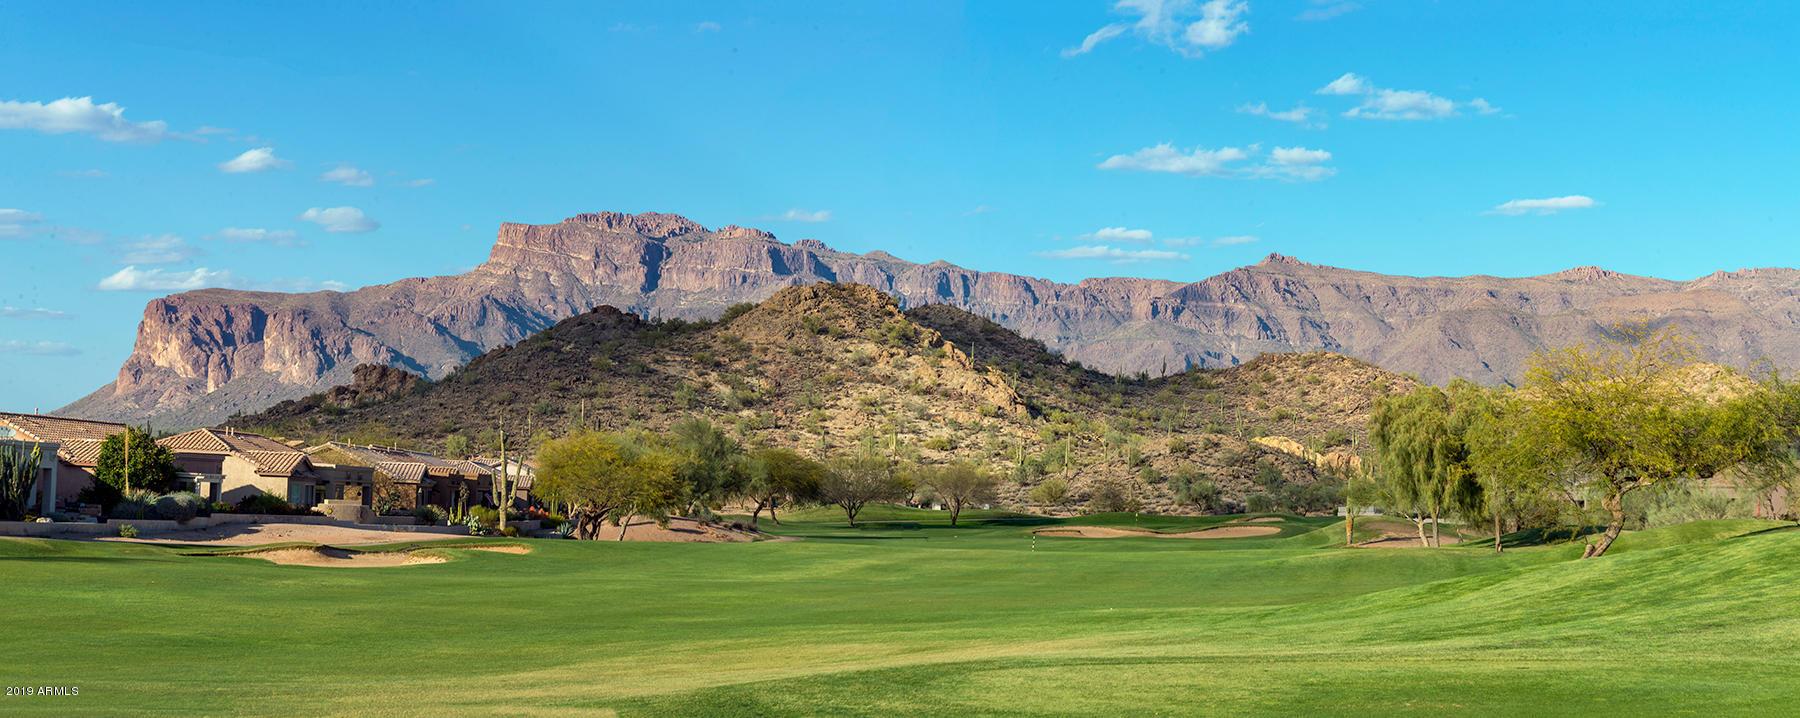 MLS 5879214 5505 S RED YUCCA Lane, Gold Canyon, AZ 85118 Gold Canyon AZ Mountainbrook Village